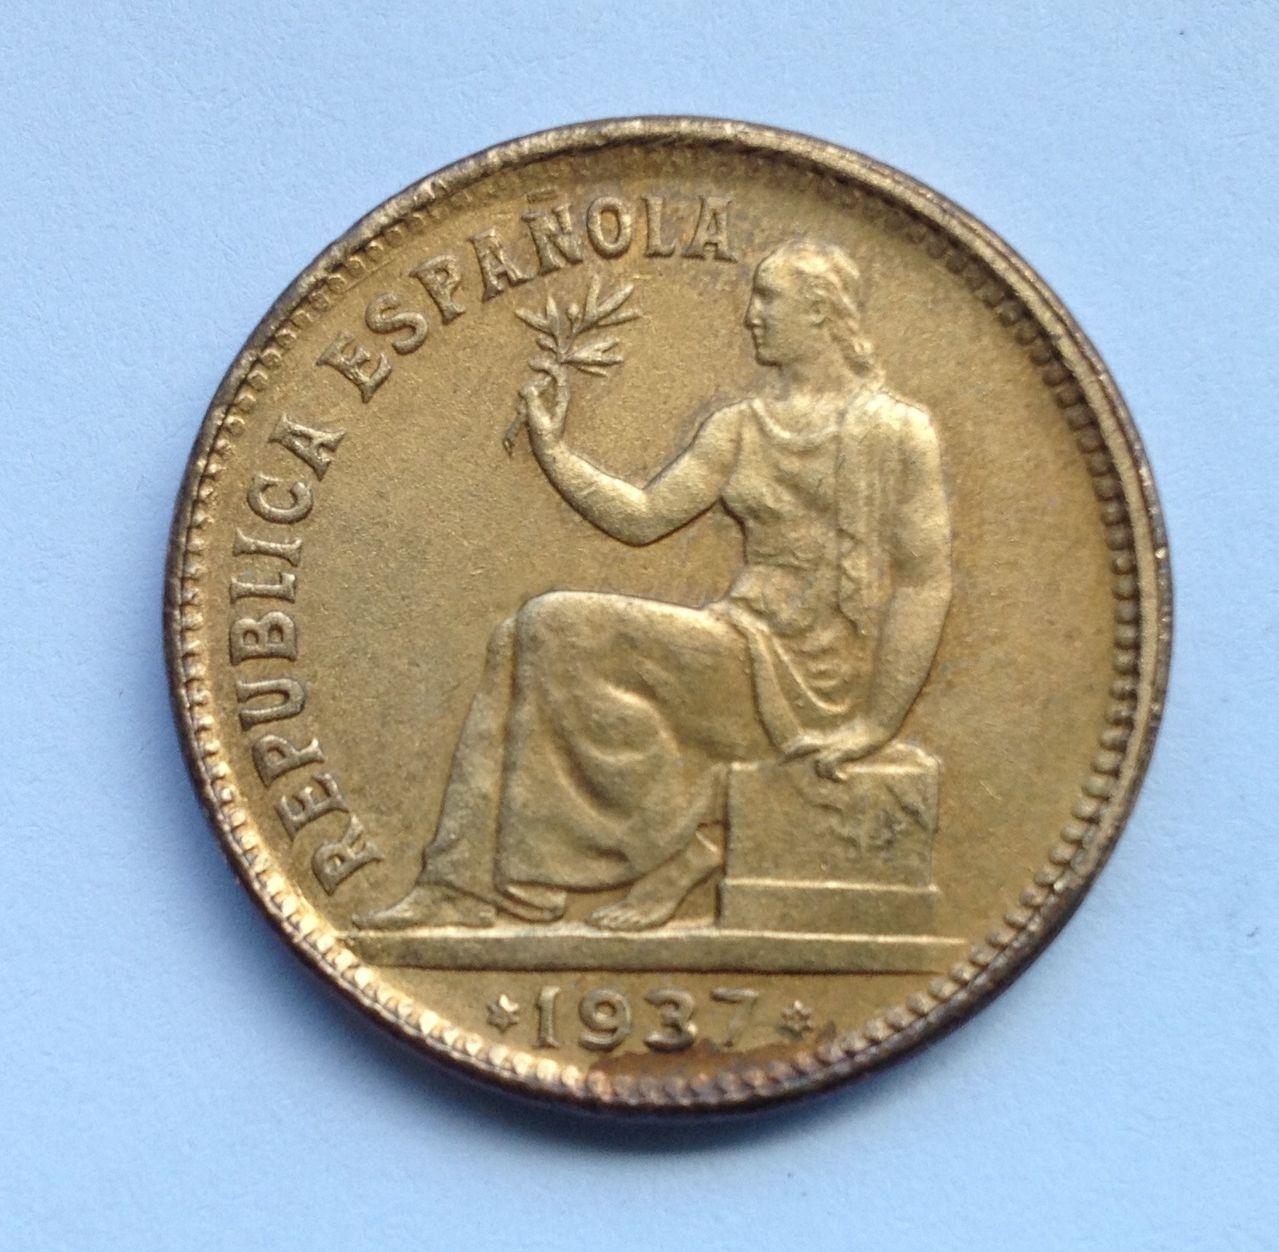 50 céntimos 1937 (3-4) República Española Image